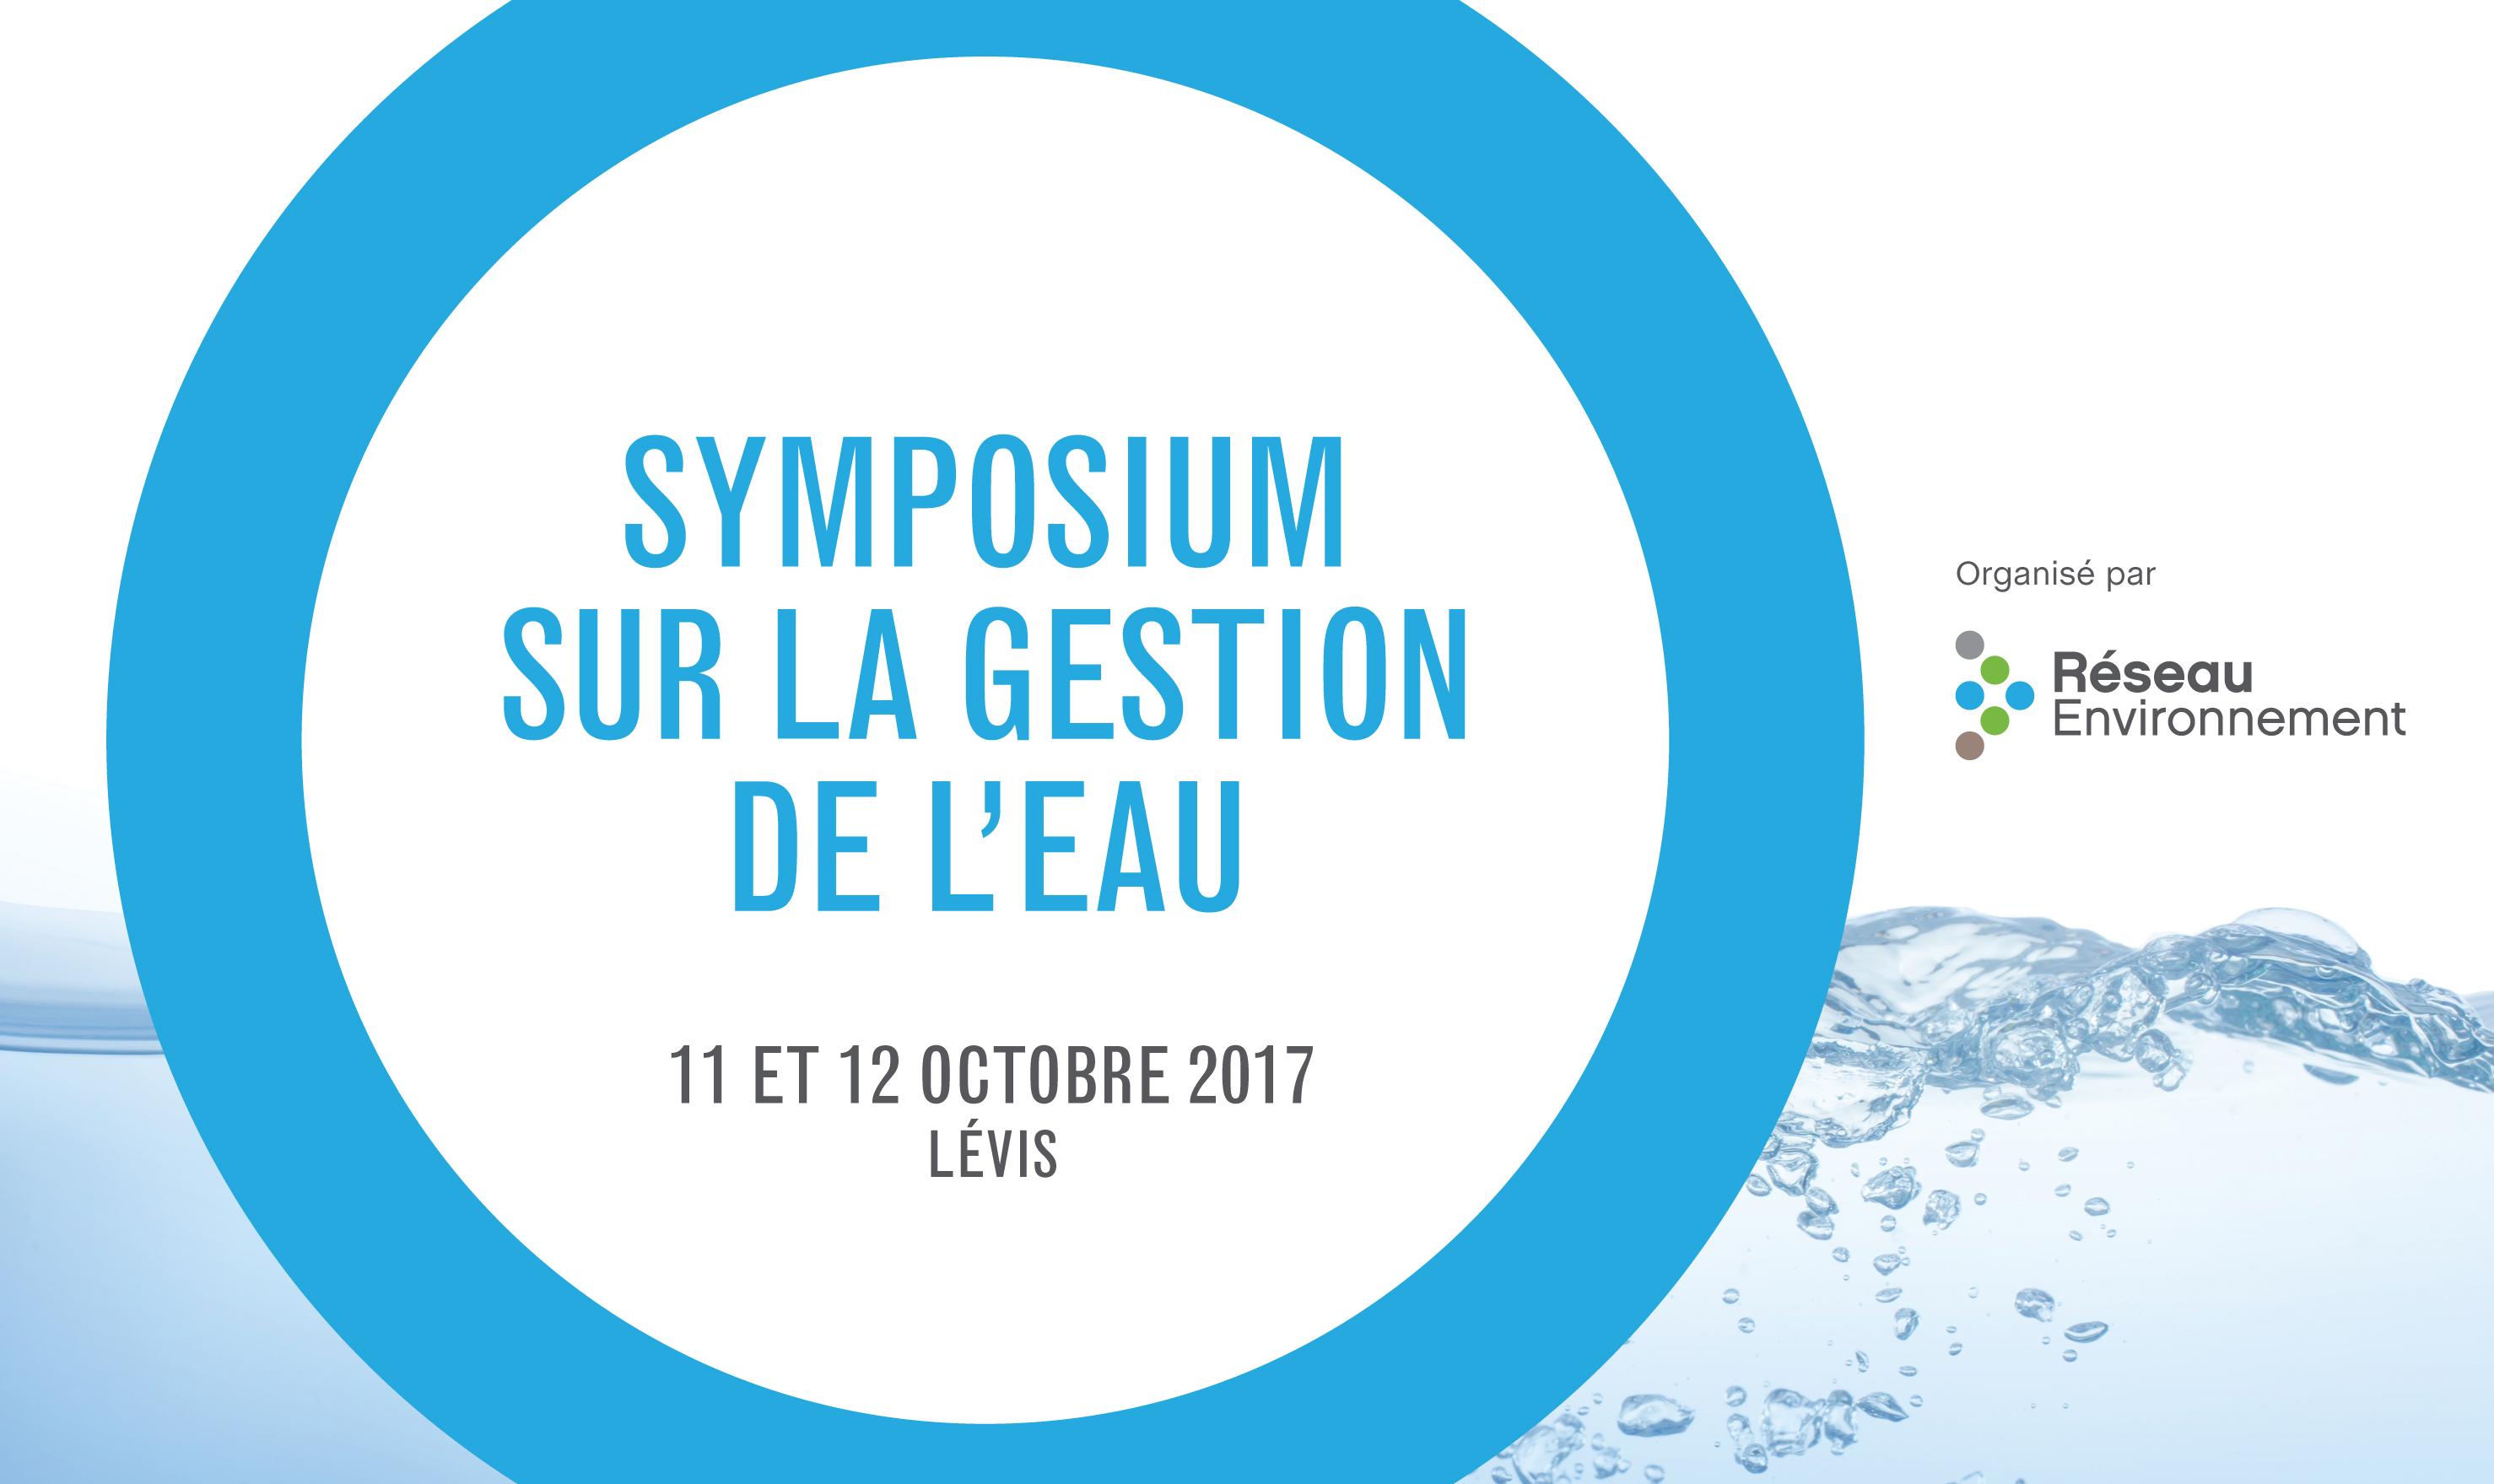 Programme du Symposium sur la gestion de l'eau